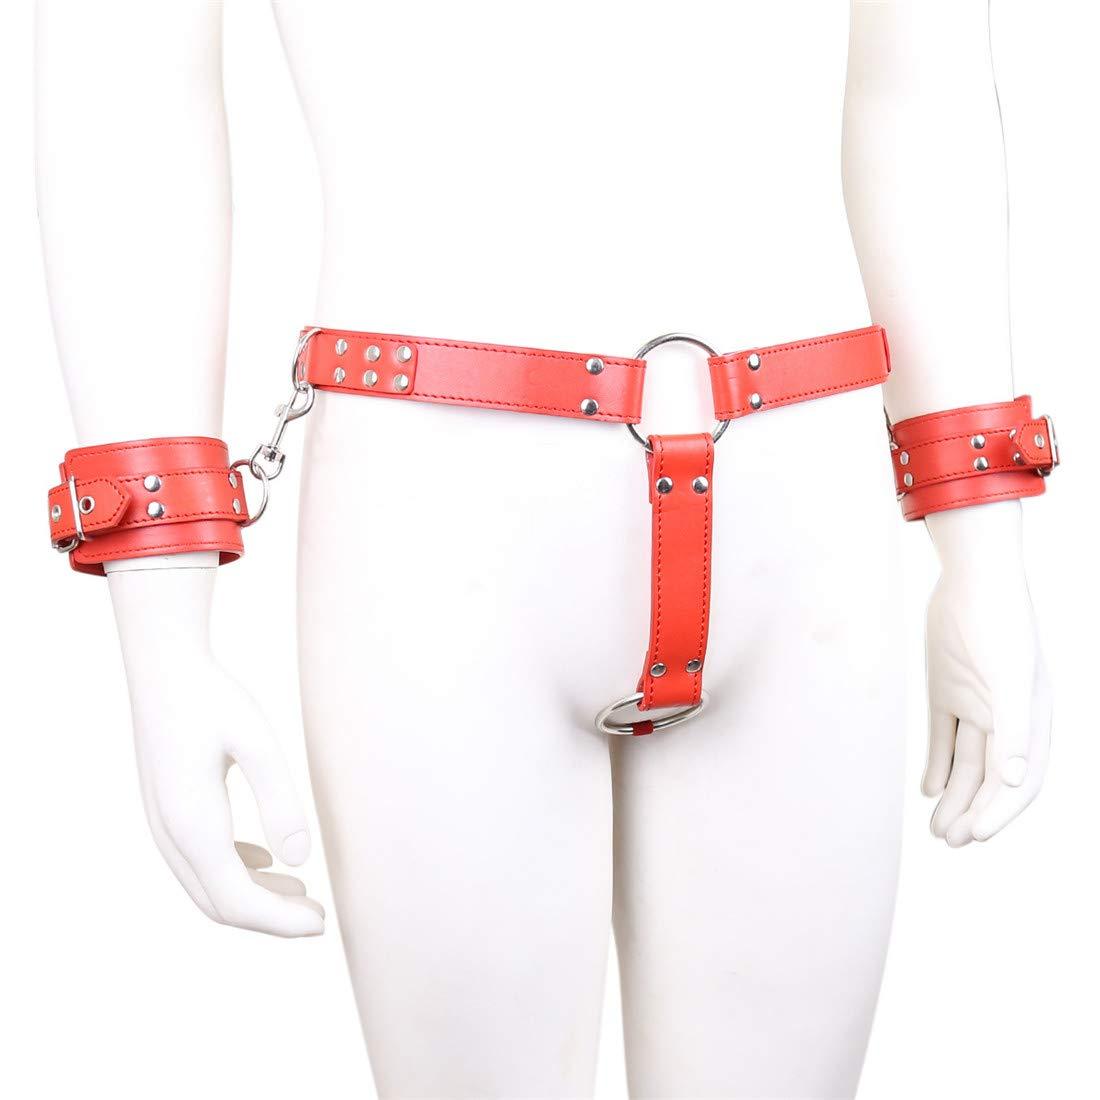 Zebuakuade Esposas vinculantes atadas con Traje Pantalones Cortos Traje con coqueteo coqueteo Adulto Castidad Fetish (Color : Red) f80695